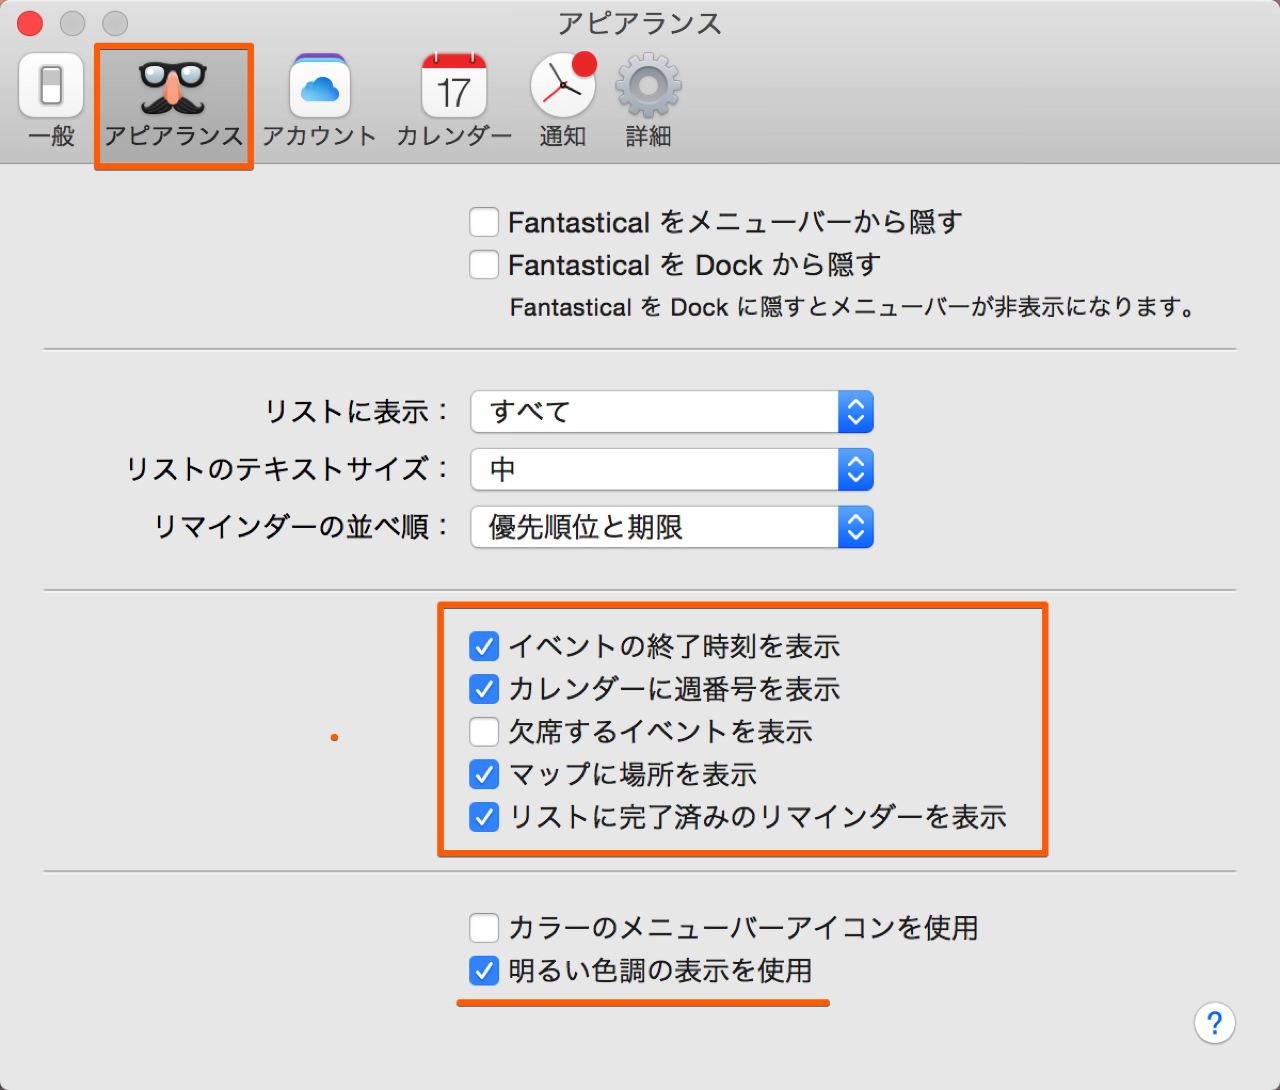 Fantastical 2 for mac のカラーを変更する